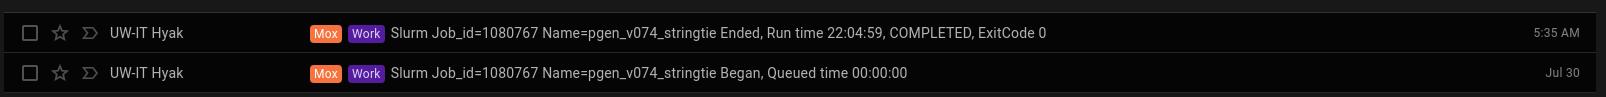 Screencap of Pgenerosa_v074 Stringtie runtime on Mox